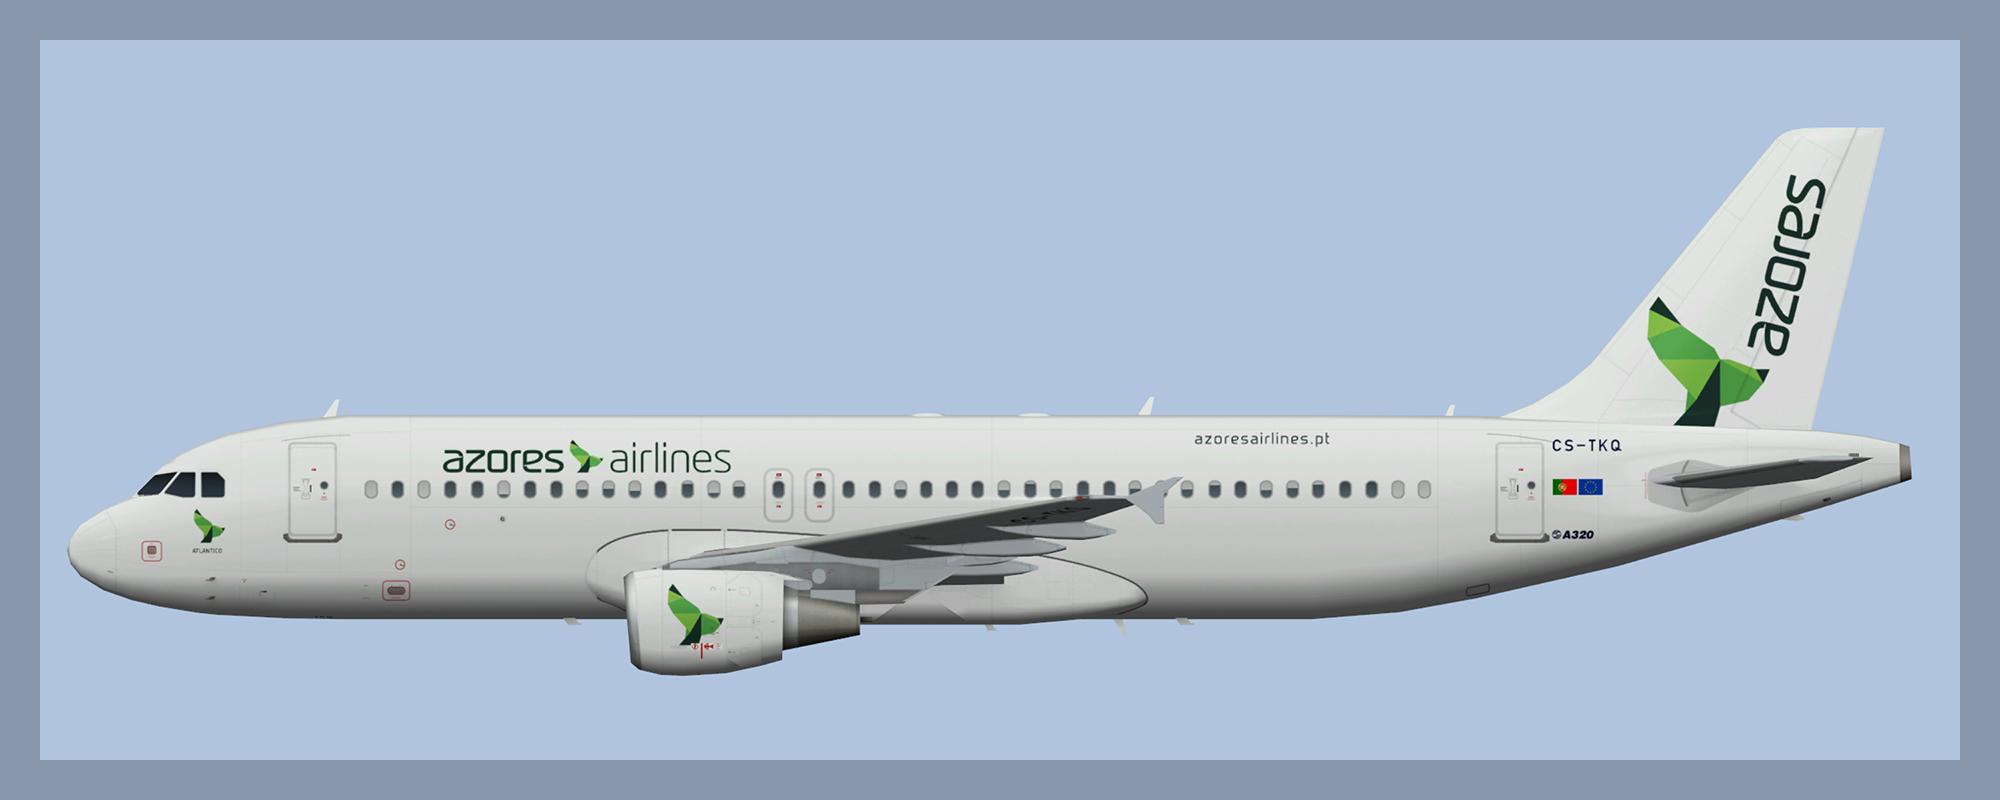 FAIB_A320_RZO_CSTKQ